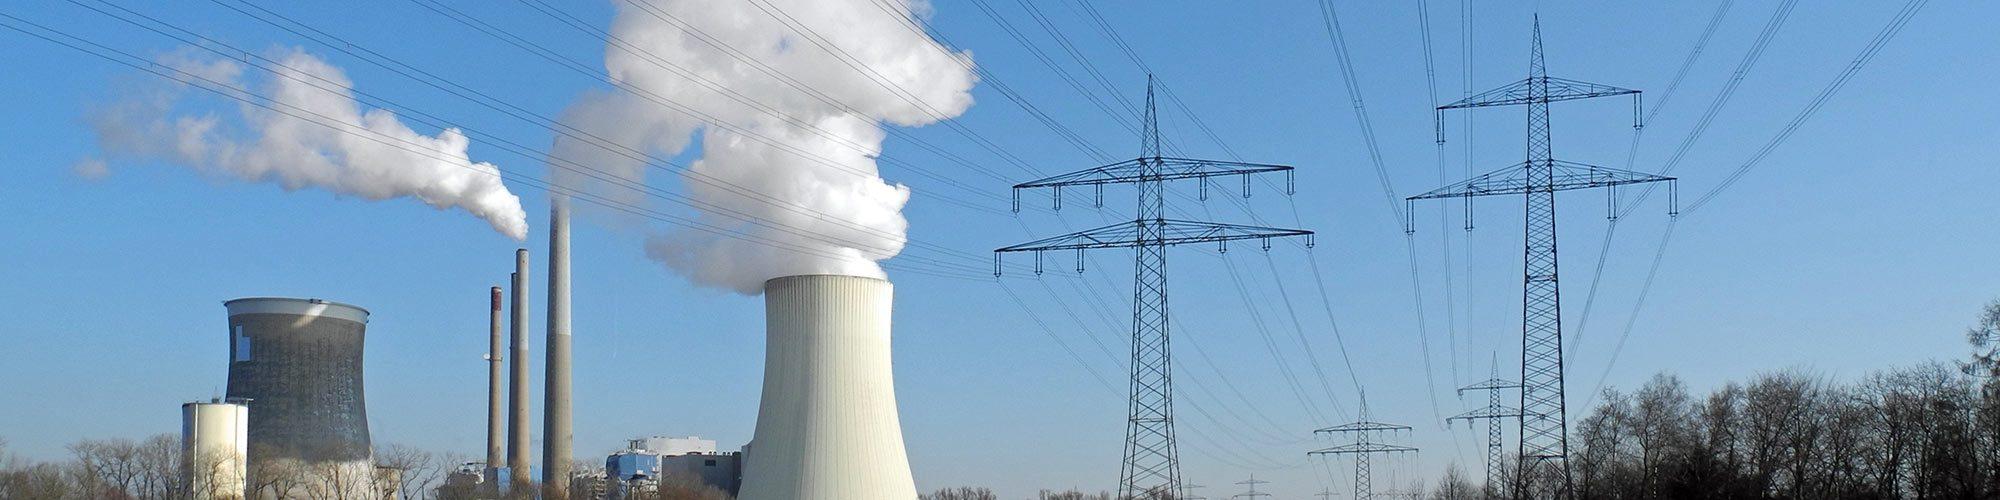 Exploiter les centrales électriques en toute sécurité